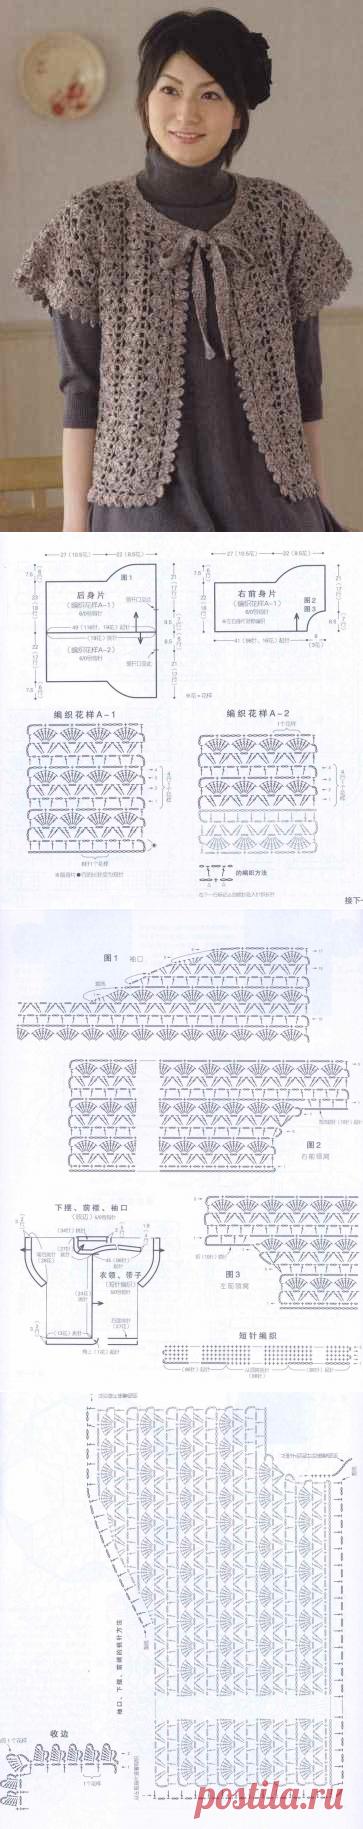 1876 - жакети, блейзери, кардігани - В'язання для жінок - Каталог статей - Md.Crochet